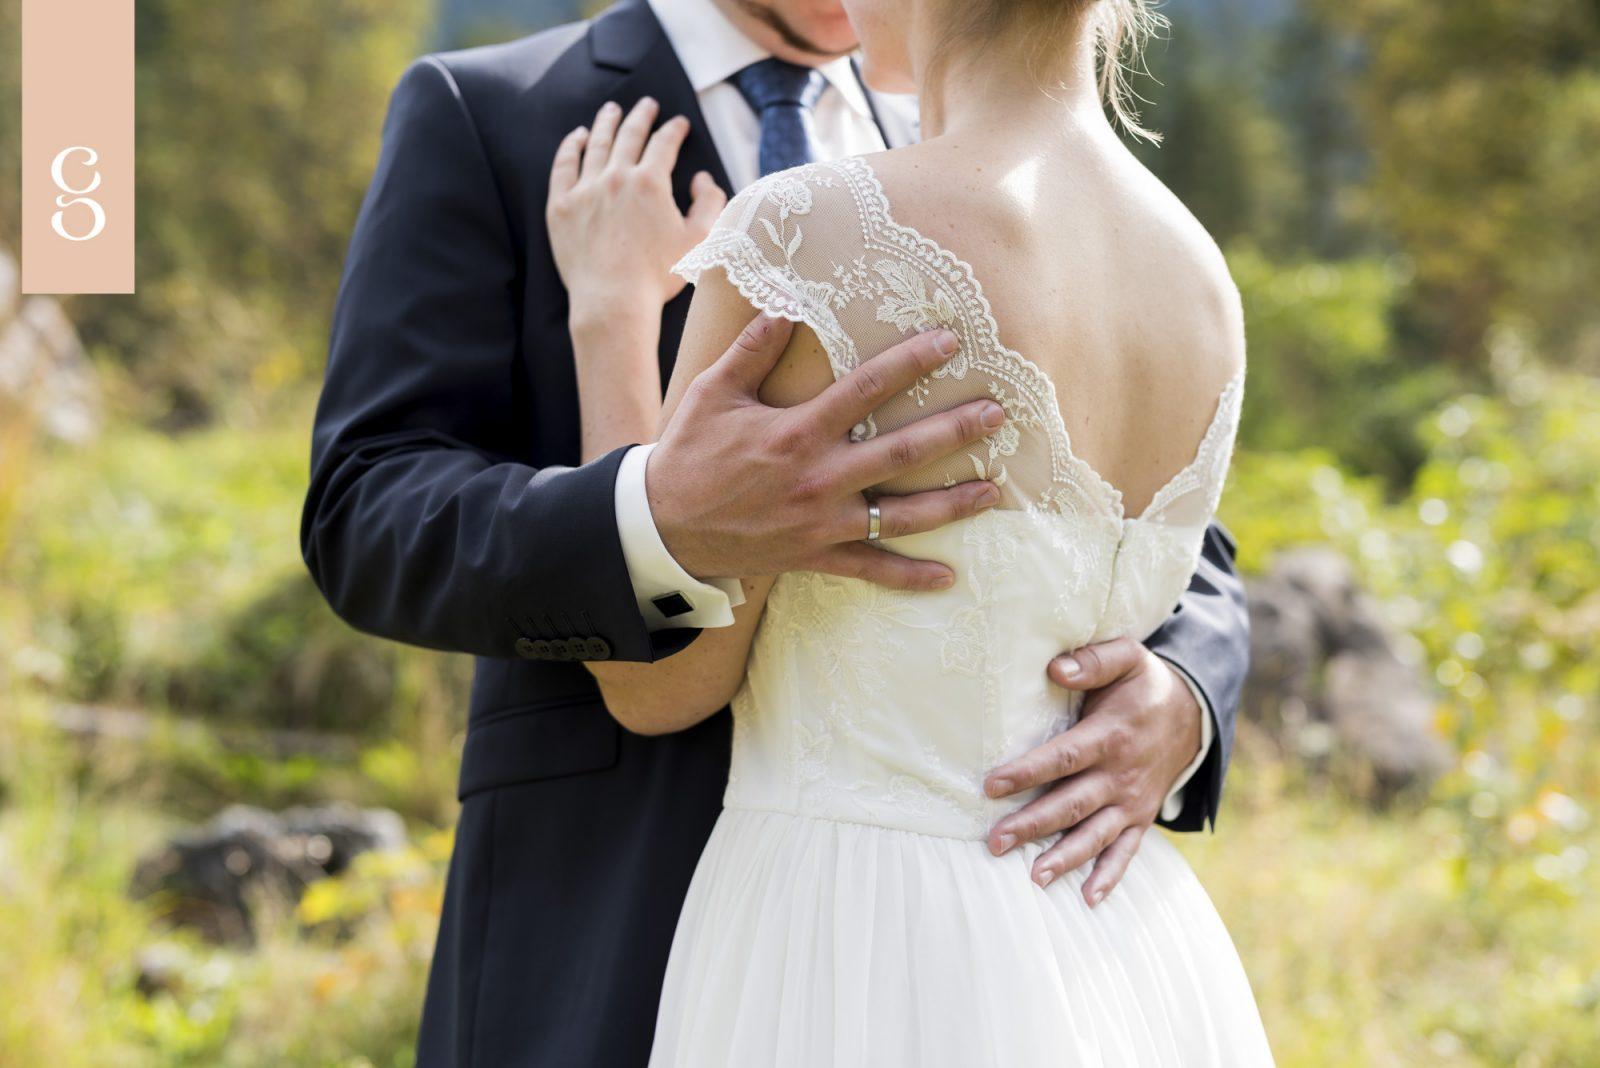 Fotograf_Goettges_Hochzeit_Wedding_Ramsau_Hintersee_Hirschbichl_Berchtesgaden_Hochzeitsfotograf-16